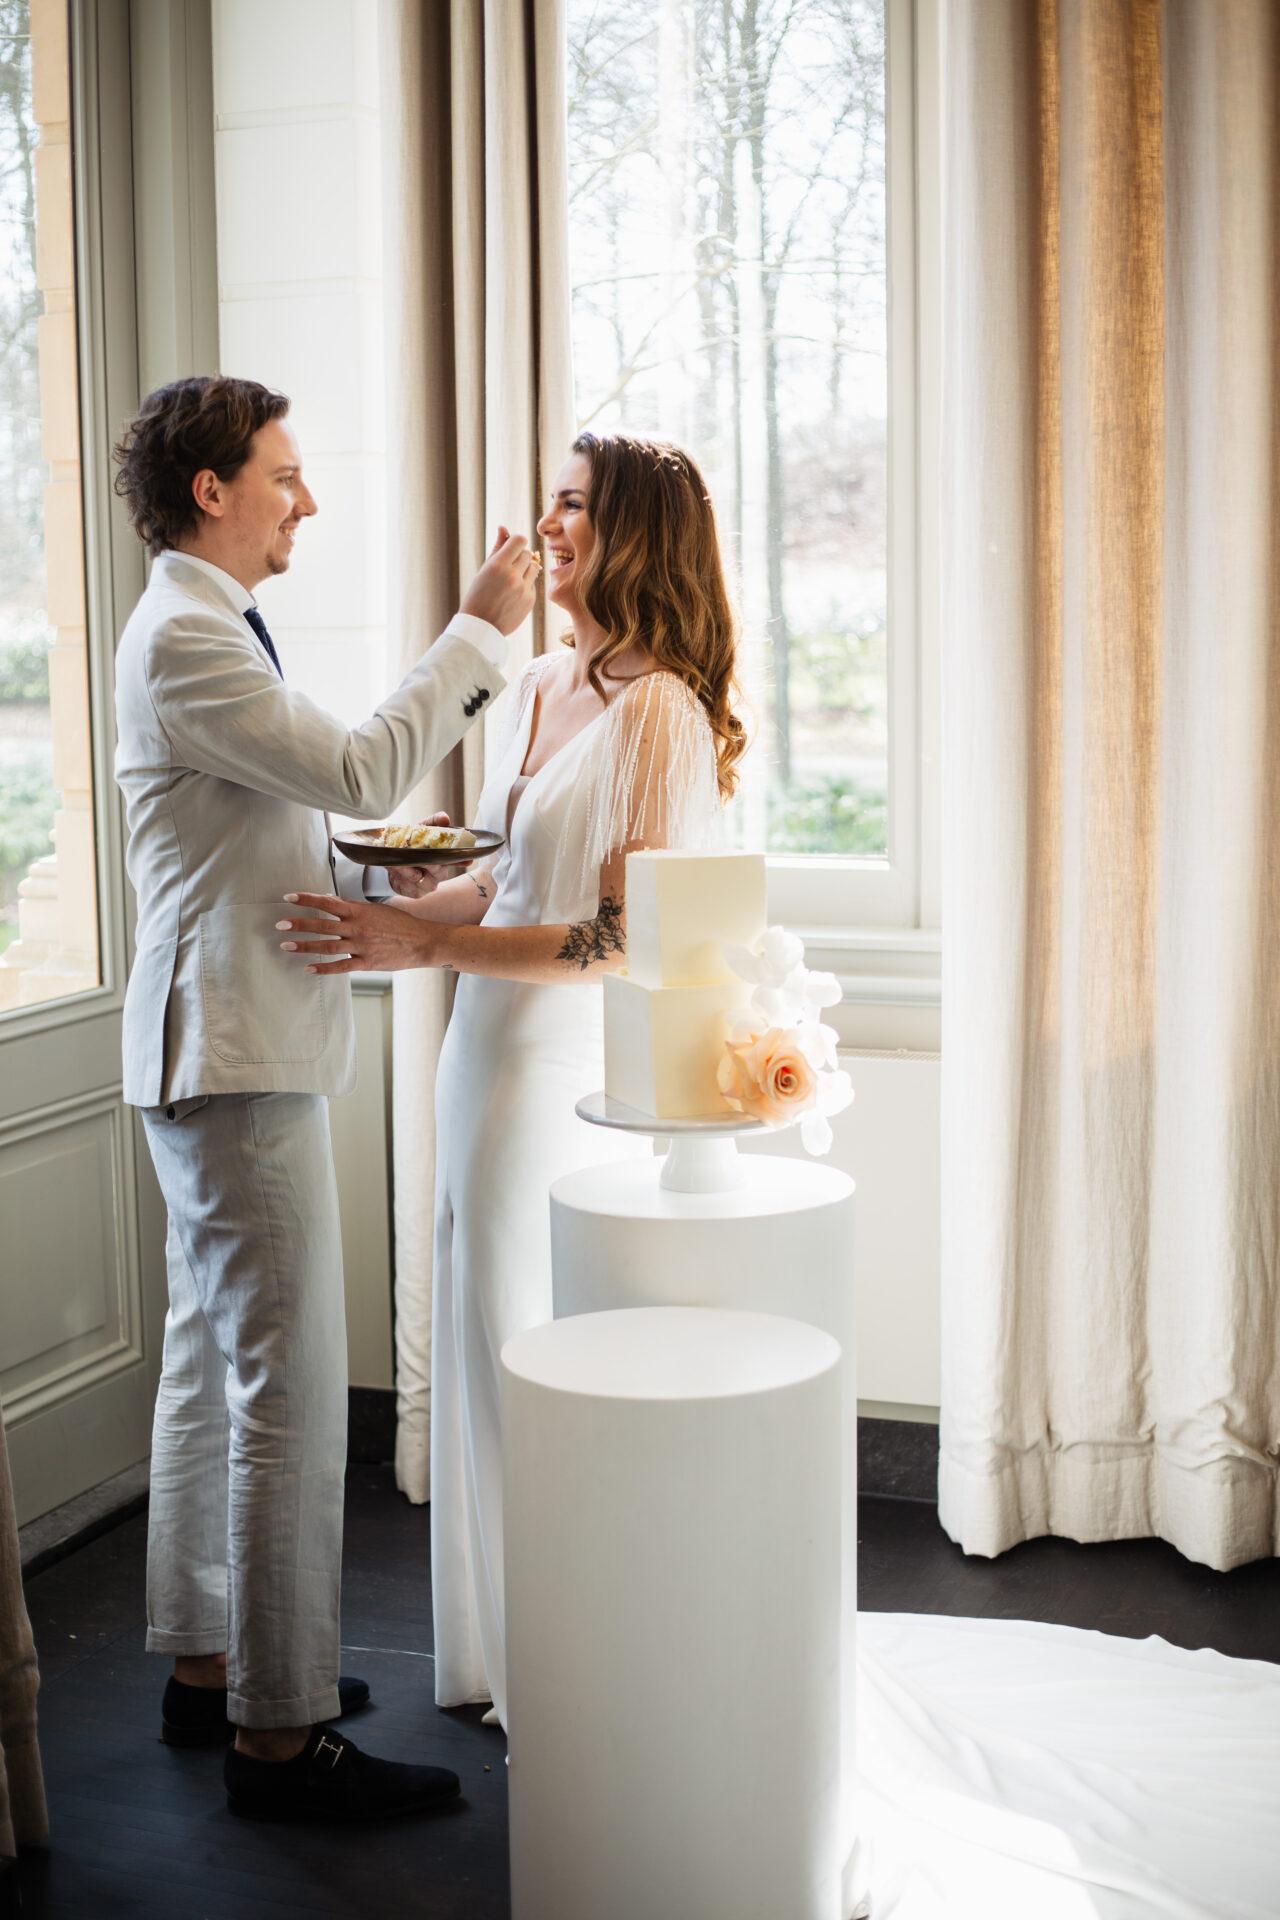 Bruidspaar bruidstaart aansnijden